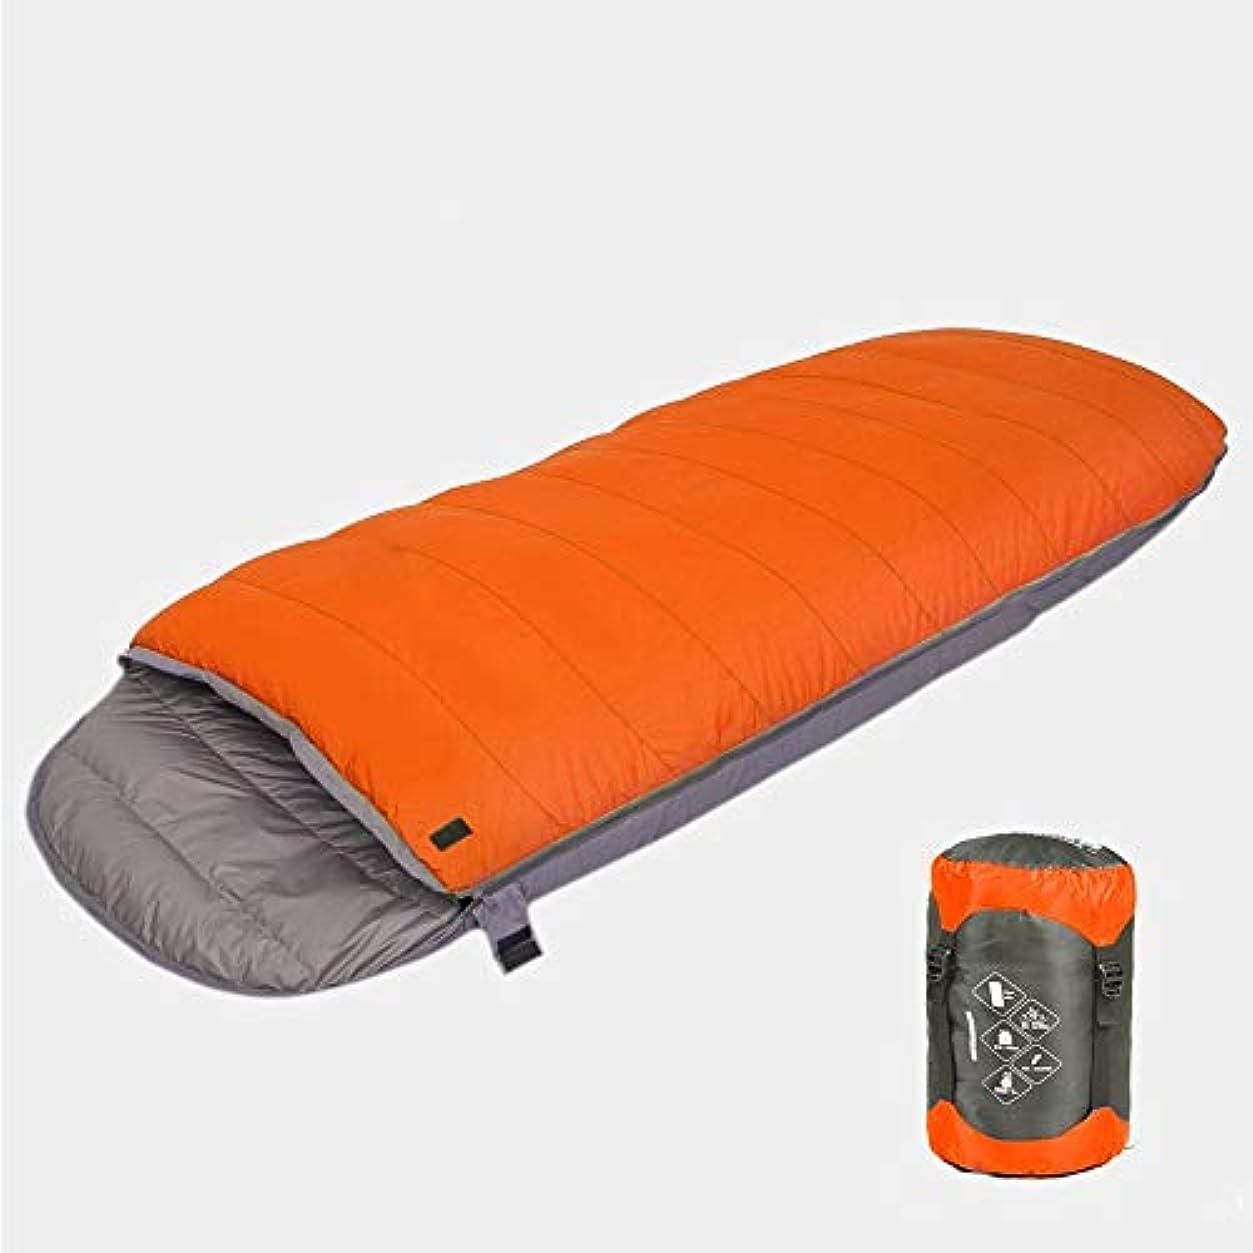 偽善サッカー騒ぎTOMSSL 卵形の寝袋大人の屋外の屋内大人のシングルコールドキャンプ秋と冬の肥厚ゼロ (色 : Orange, Size : 1.85kg)